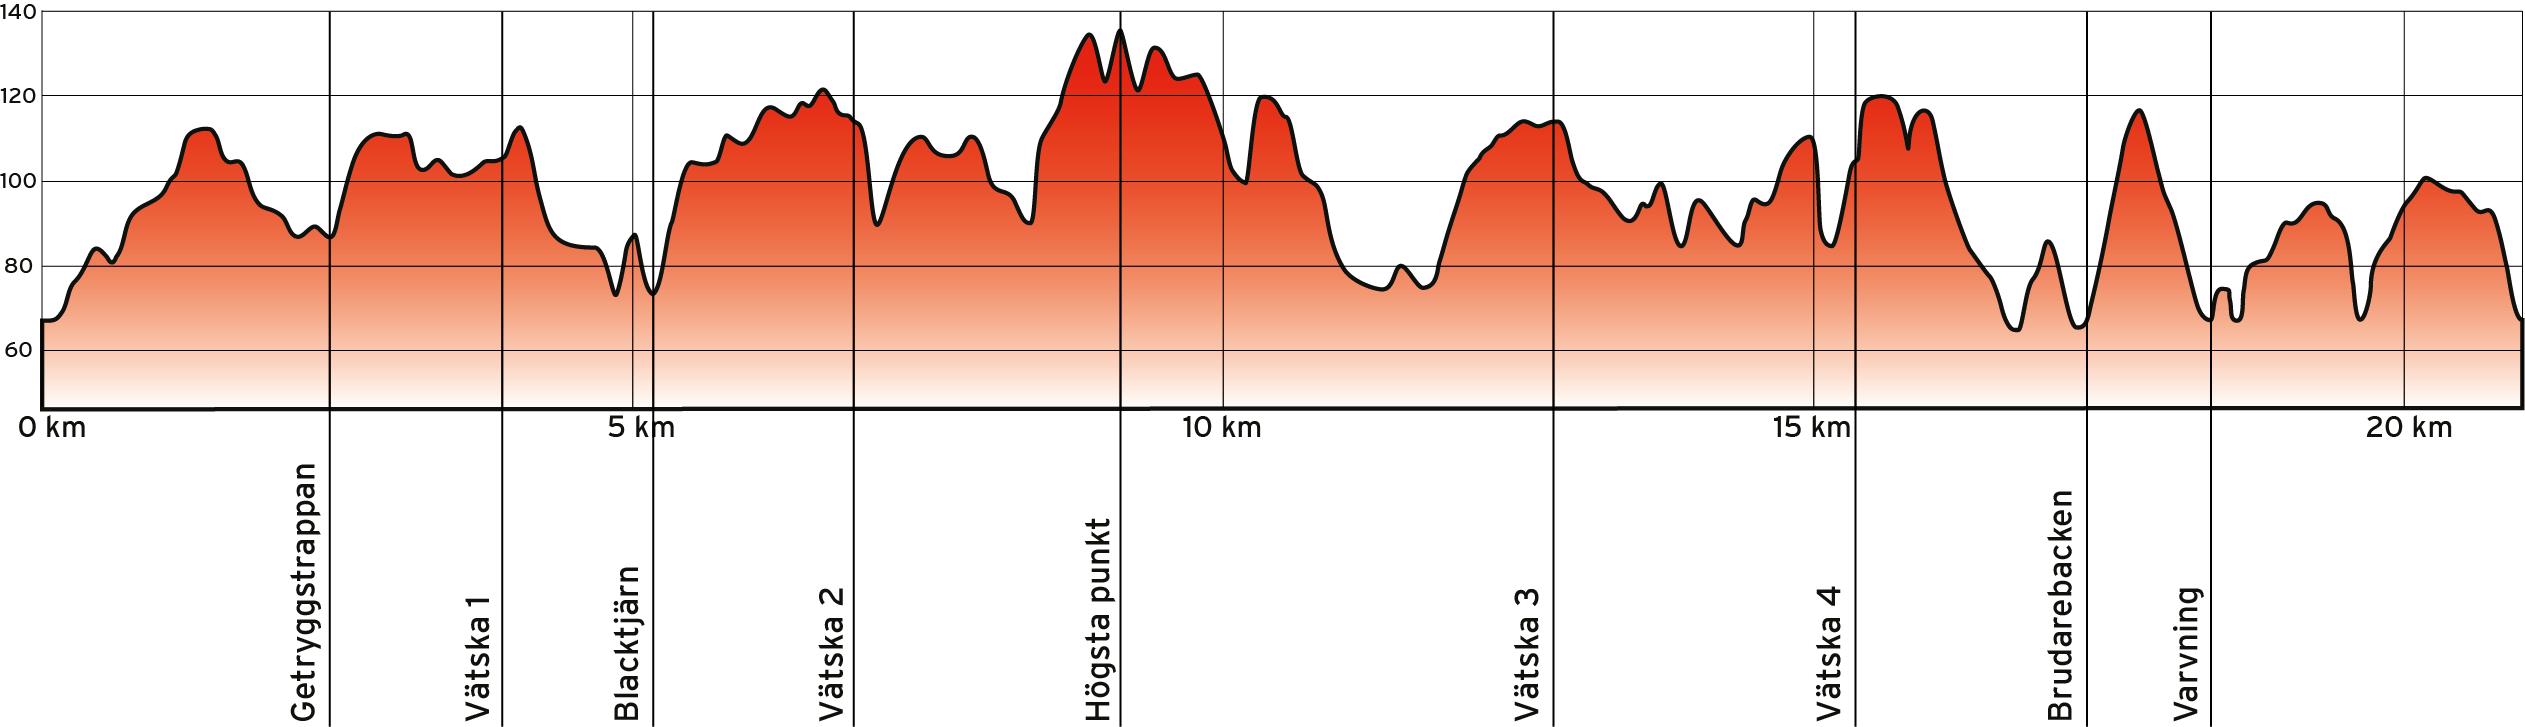 Banprofil 21 km